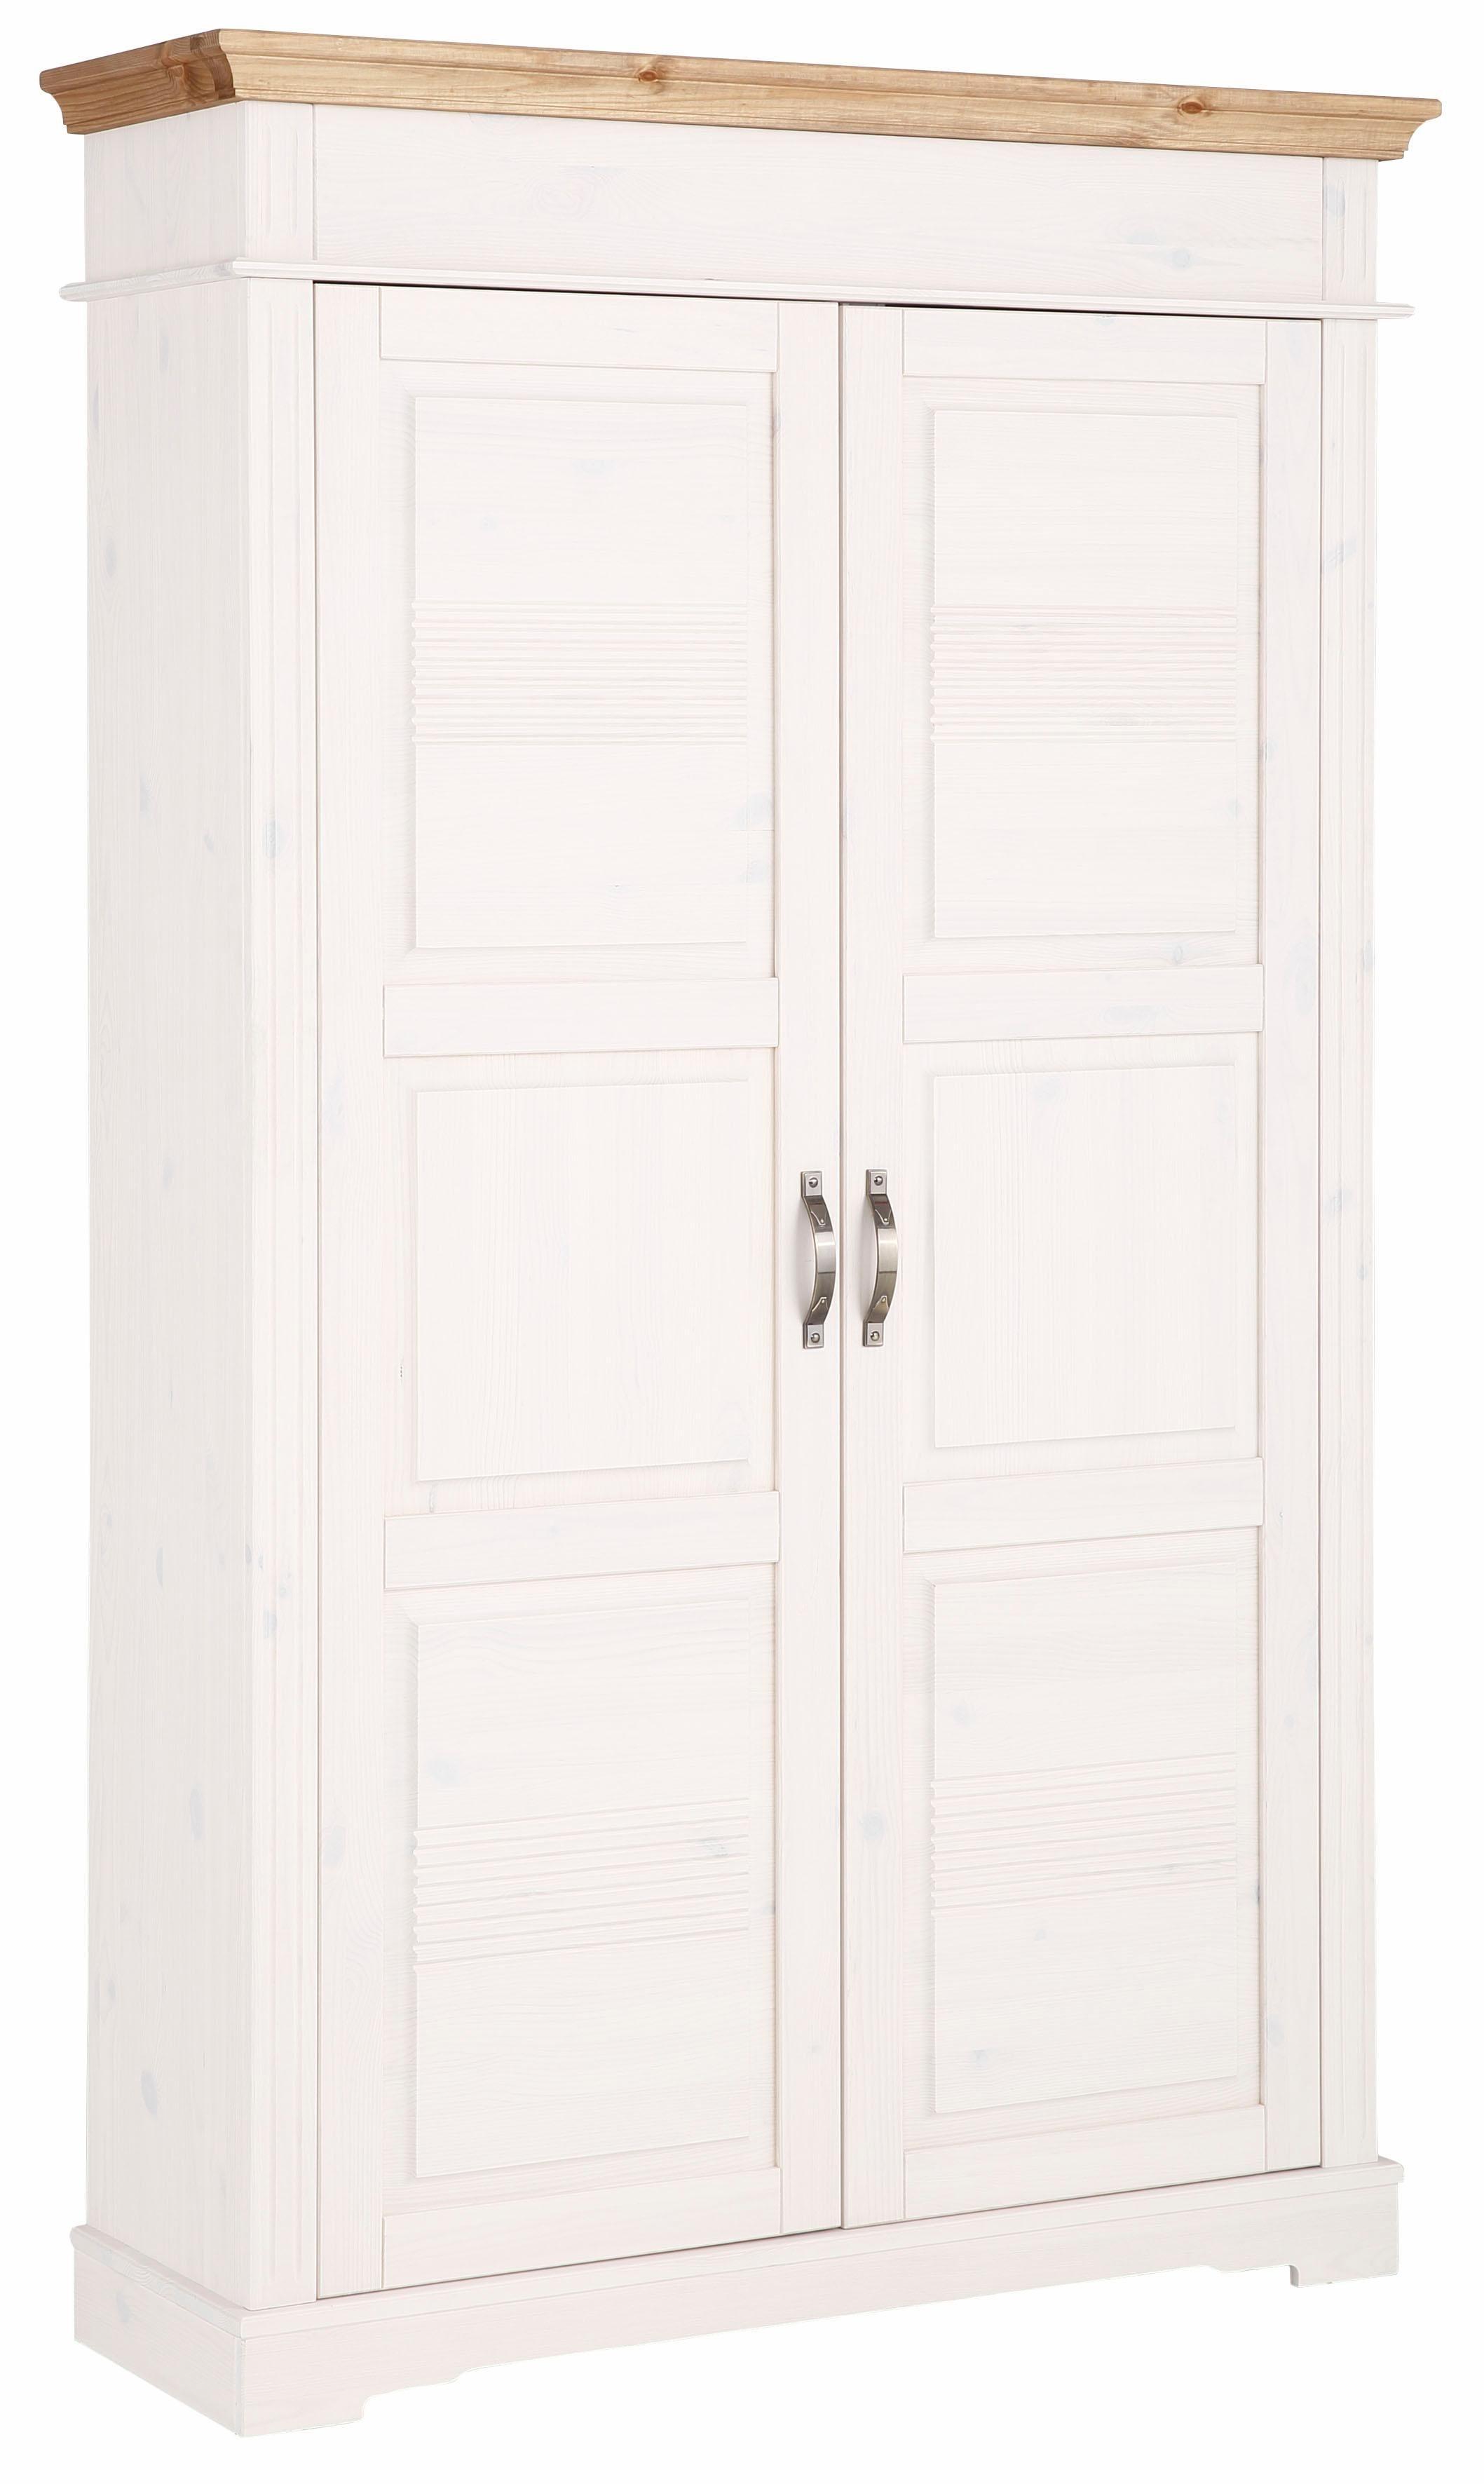 Home affaire Garderobenschrank 1- oder 2 trg. »Barcelona« aus massiver Kiefer | Flur & Diele > Garderoben > Garderobenschränke | Massivholz | Home affaire